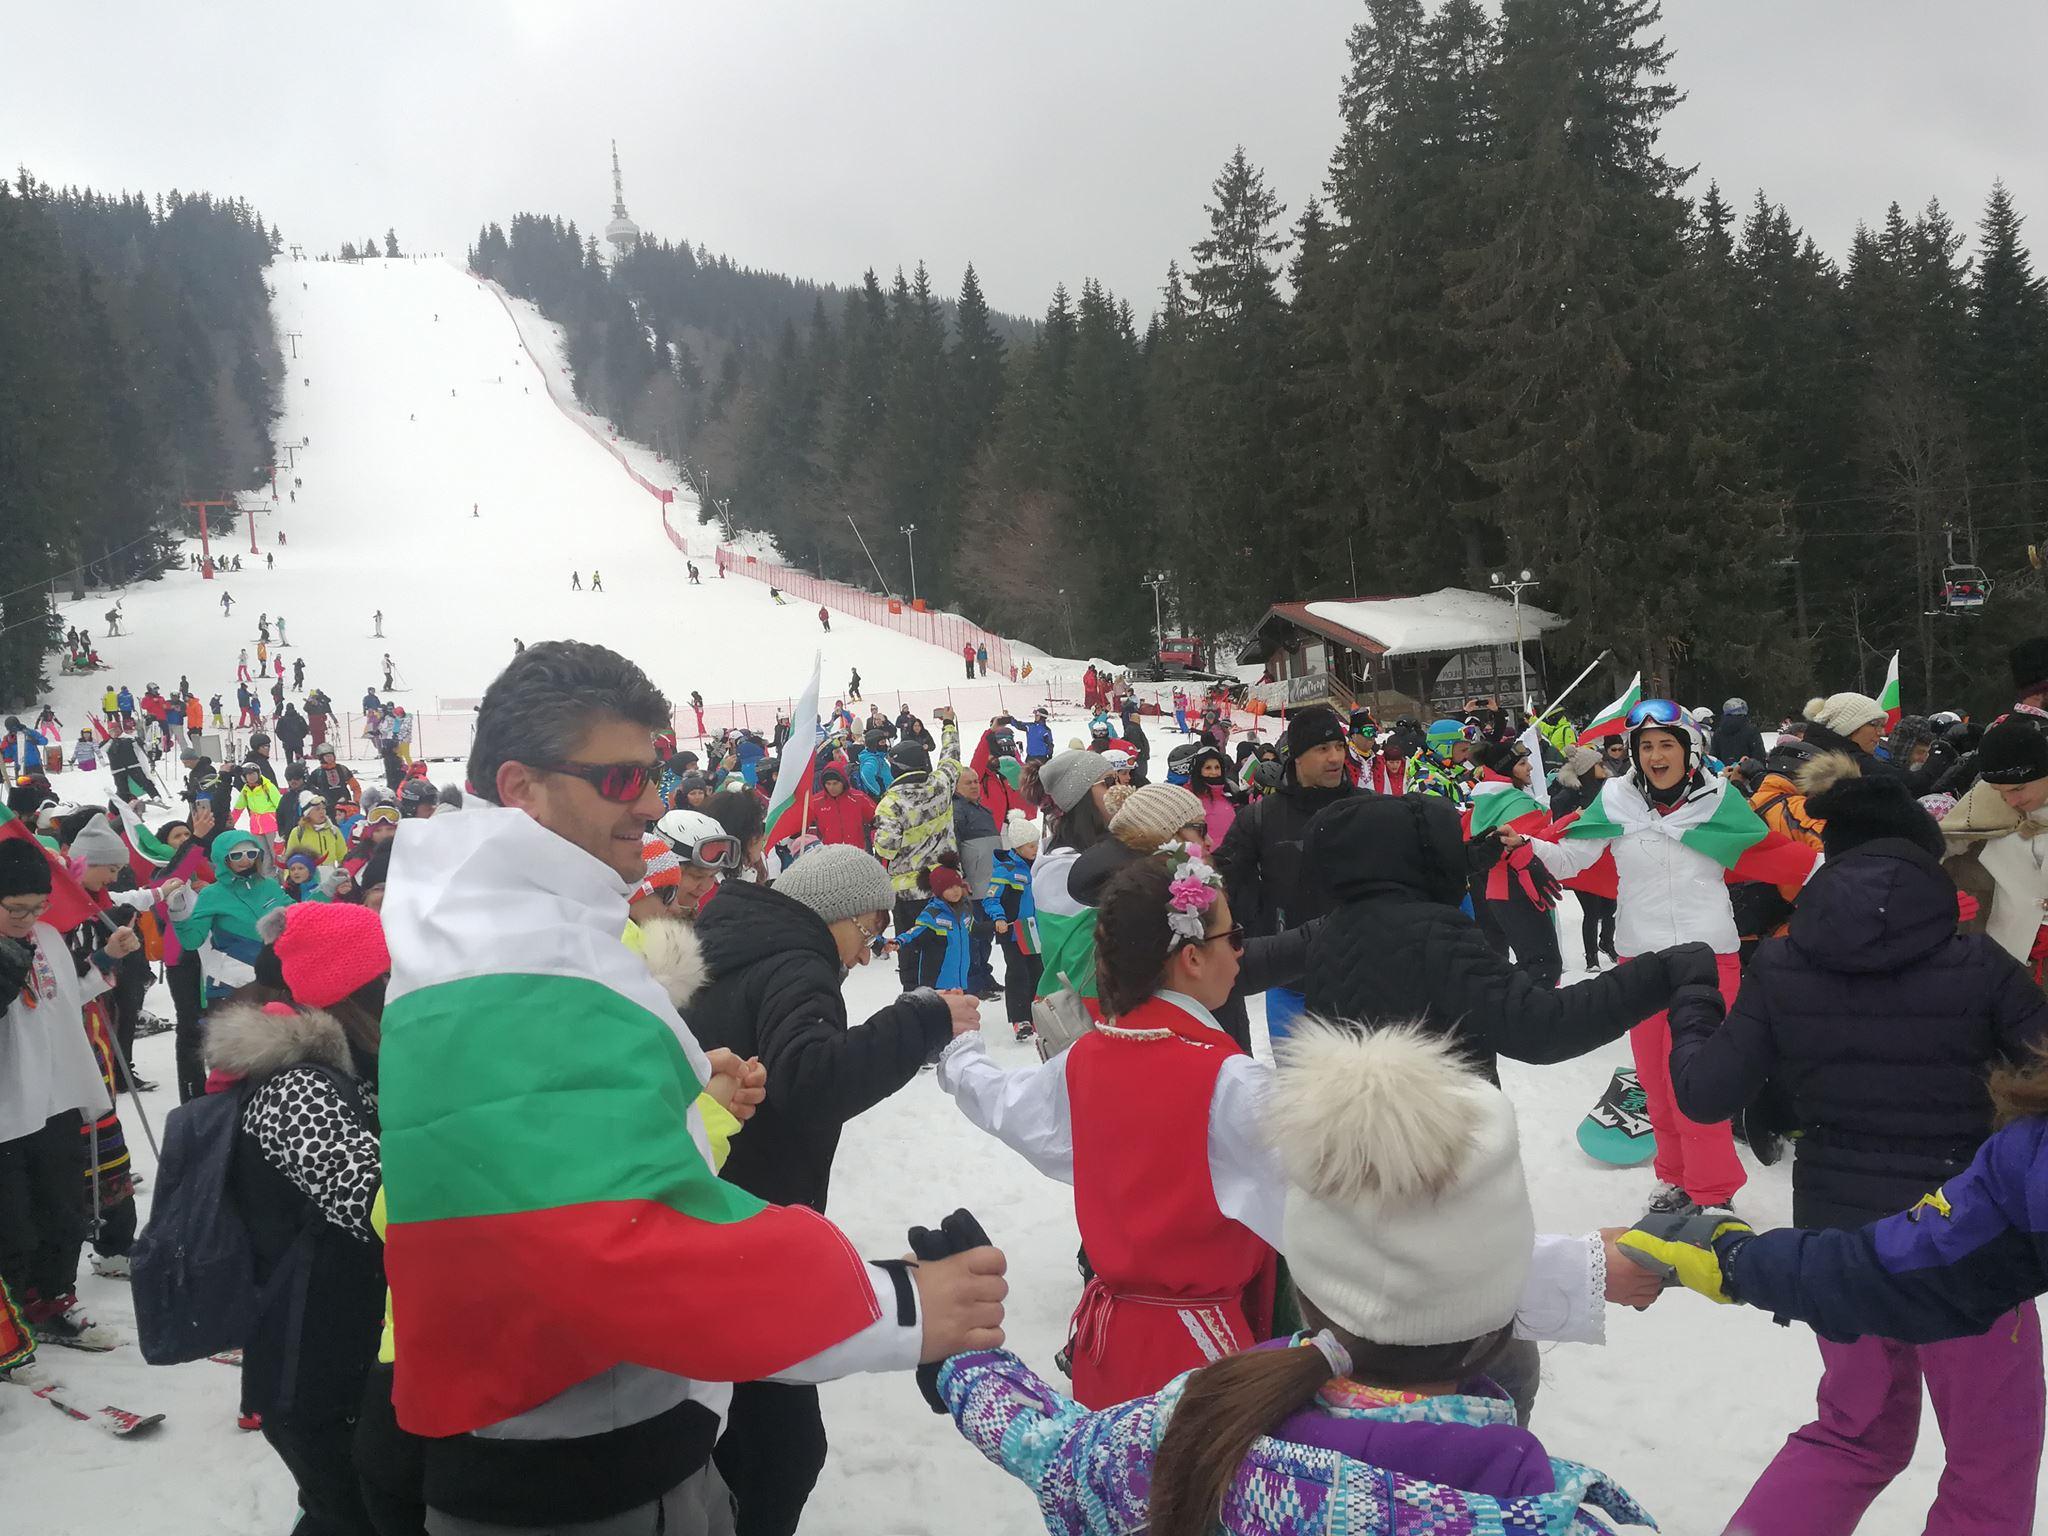 2c72dcb5339 Над 800 скиори взеха участие в голямото ски спускане с народни носии в  Пампорово